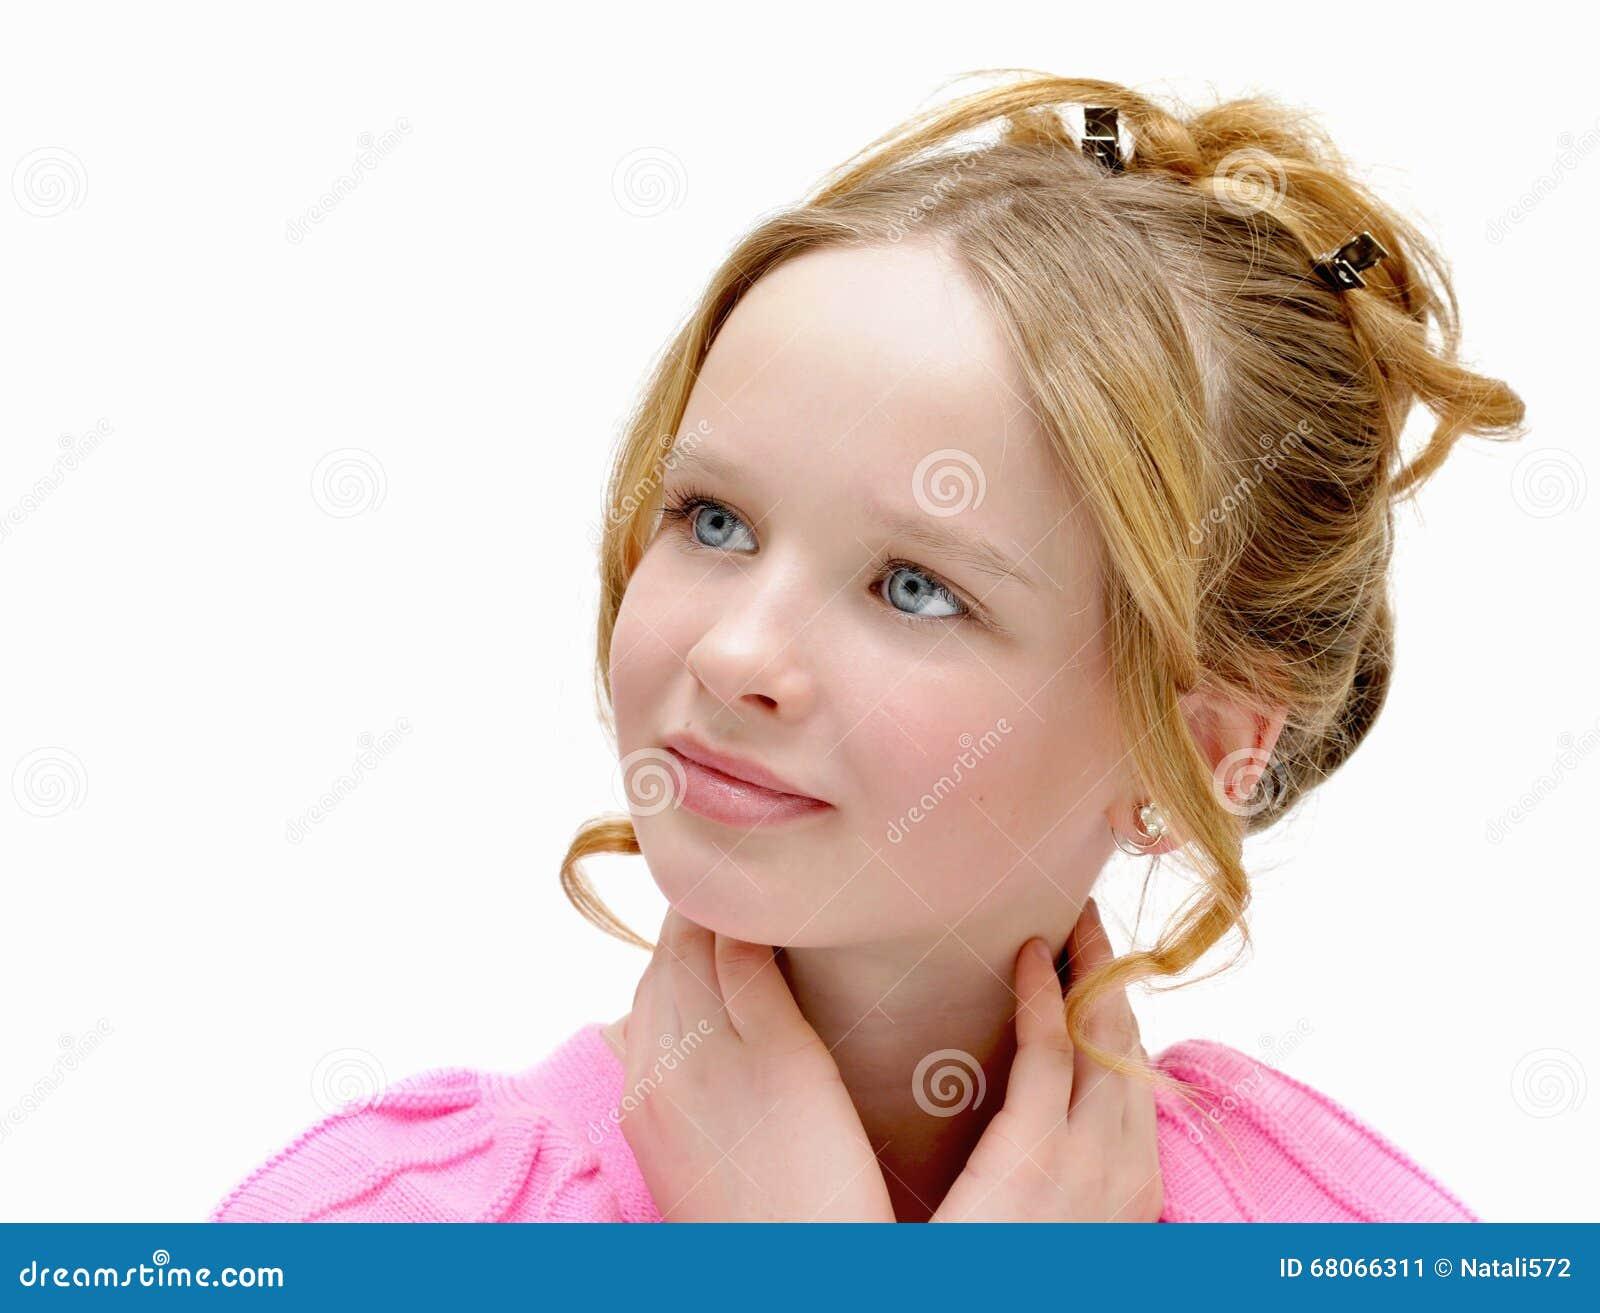 Schönes Mädchen Mit Blauen Augen Und Dem Blonden Haar ð Osmetics